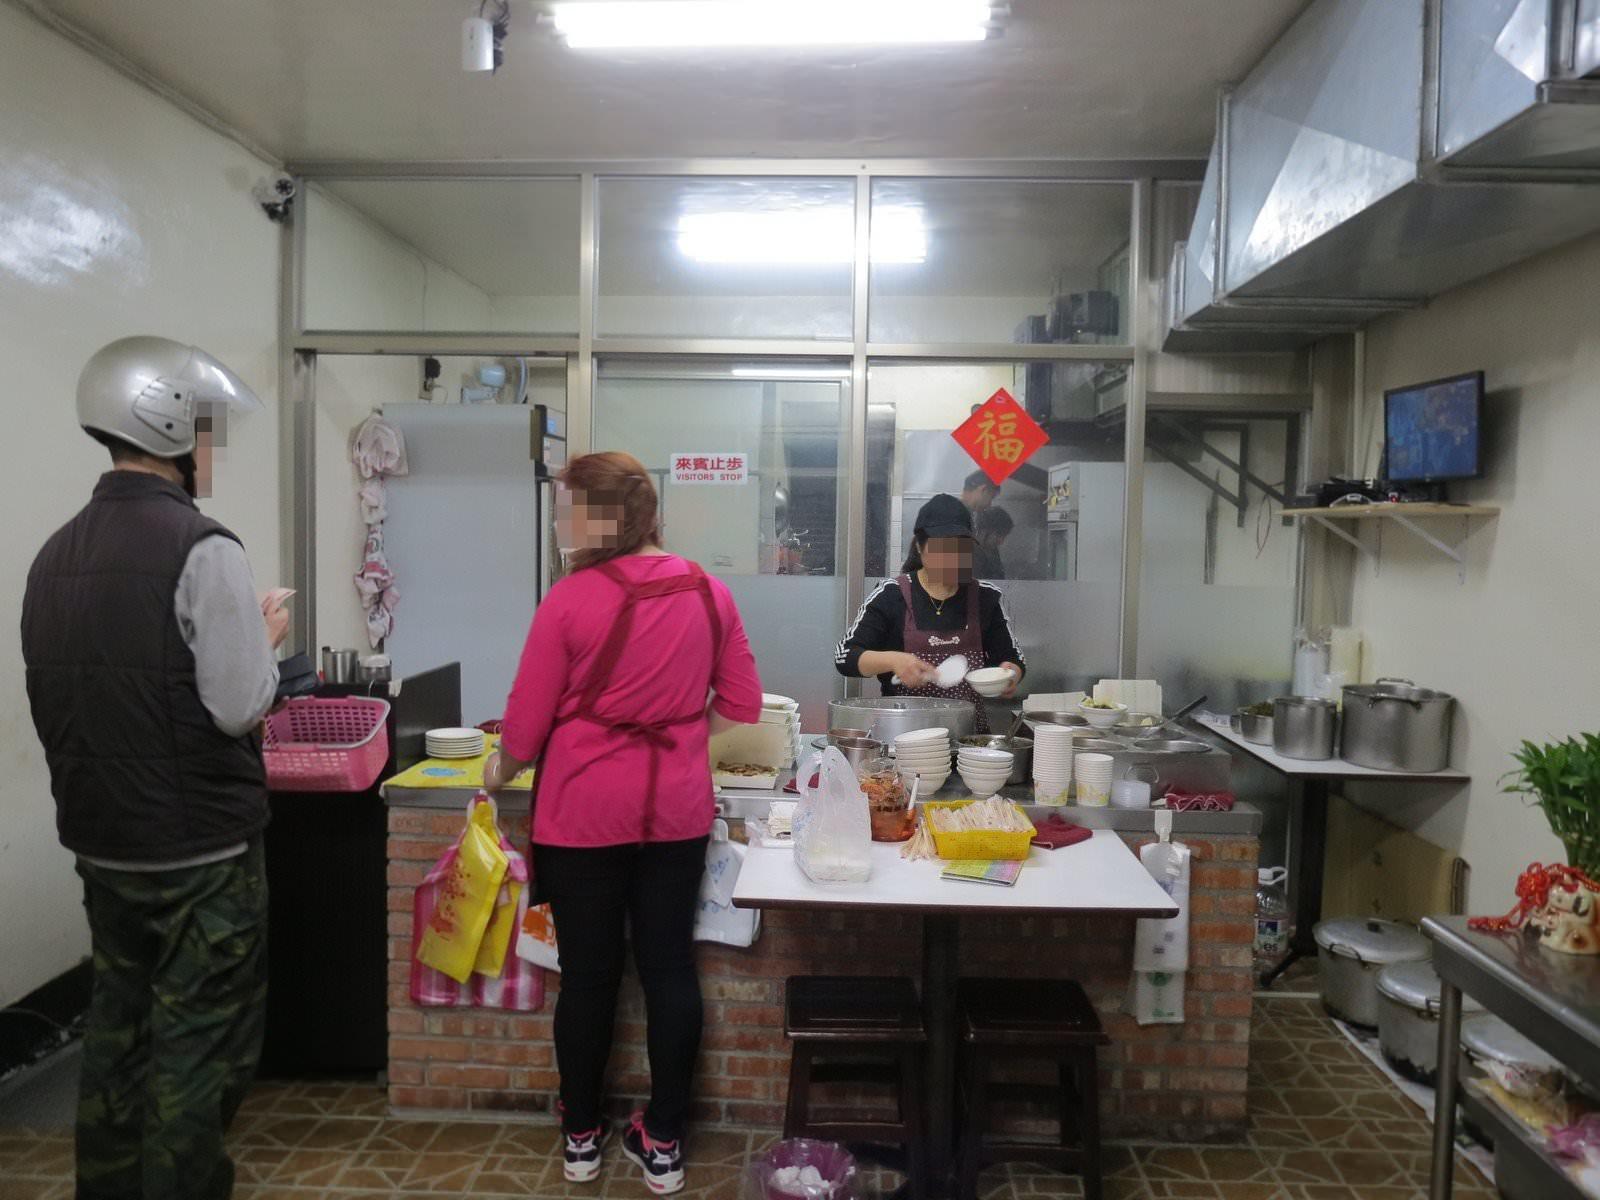 天天鮮排骨飯, 用餐環境